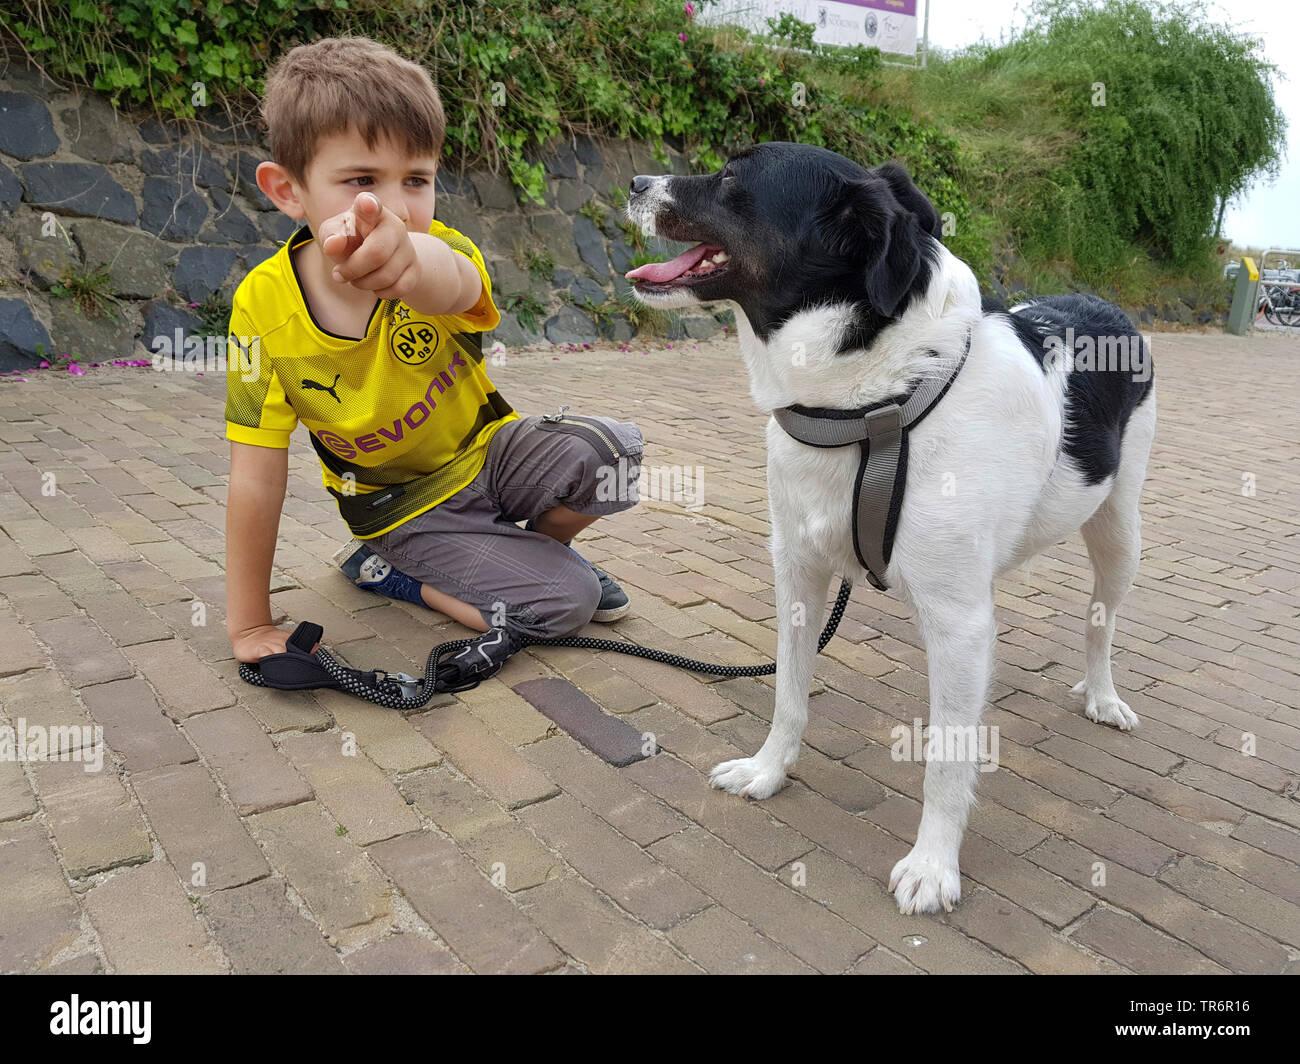 Mischlingshund (Canis lupus f. familiaris), kleiner Junge kniet auf dem Boden und zeigt mit einem Mischlingshund etwas mit den Zeigefinger, Deutschlan - Stock Image